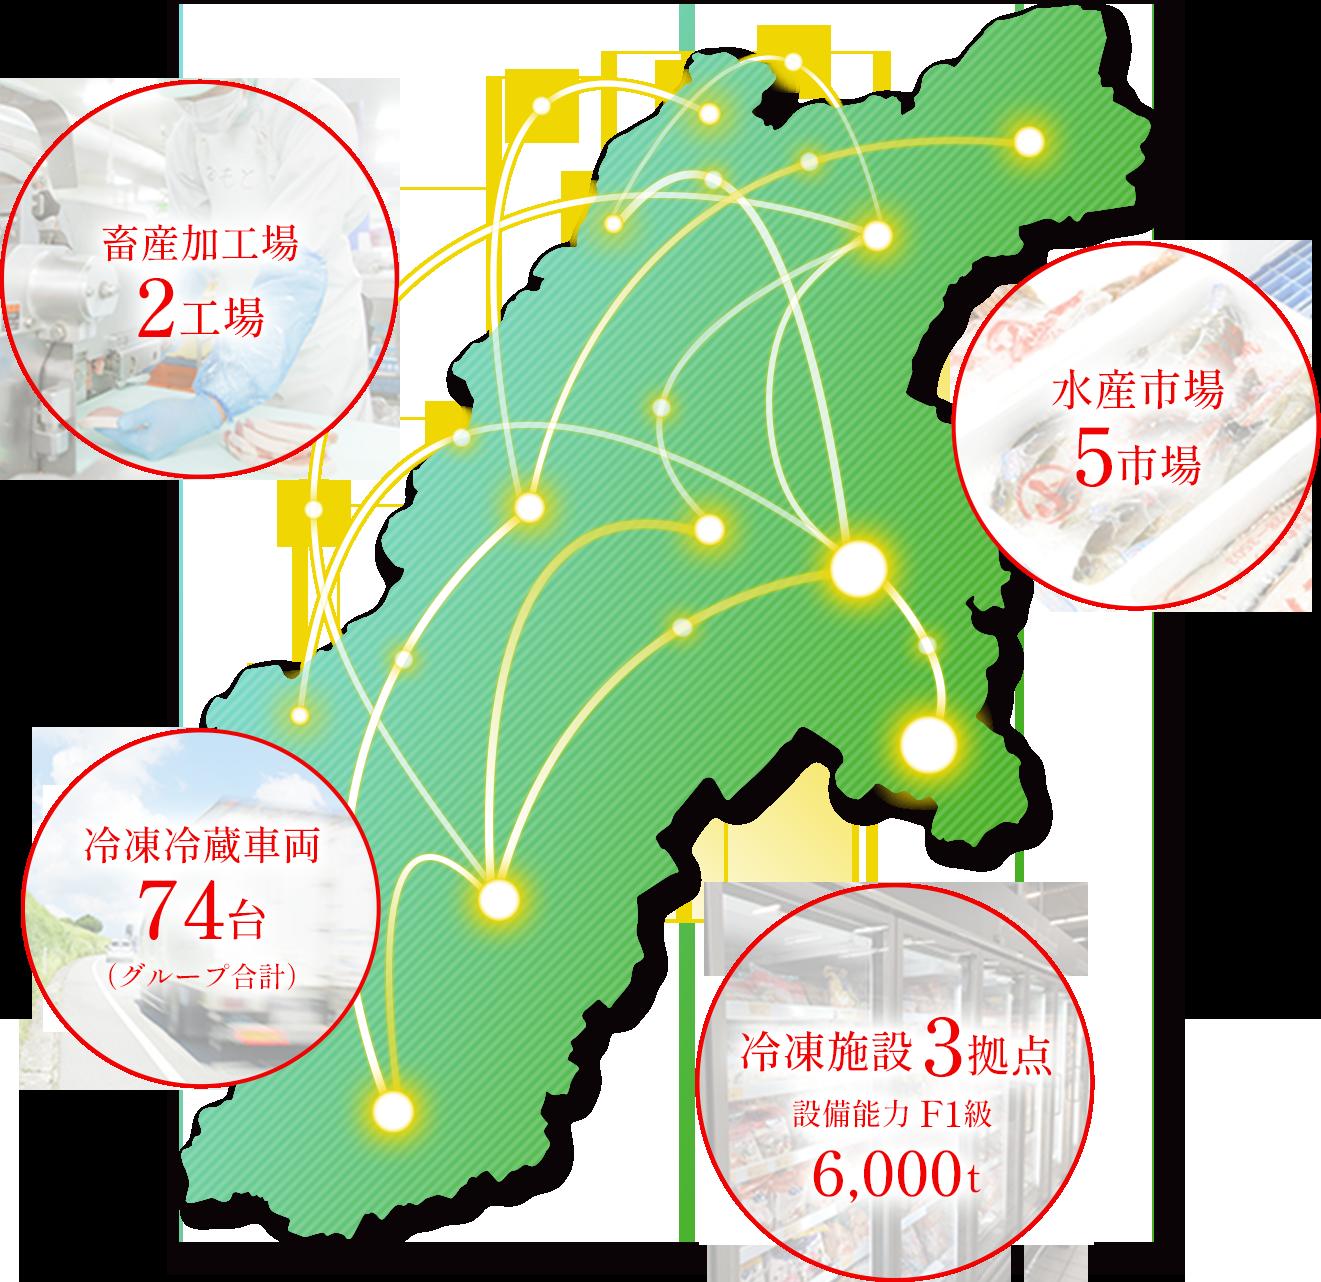 食のインフラ企業として長野県の食を守り続ける